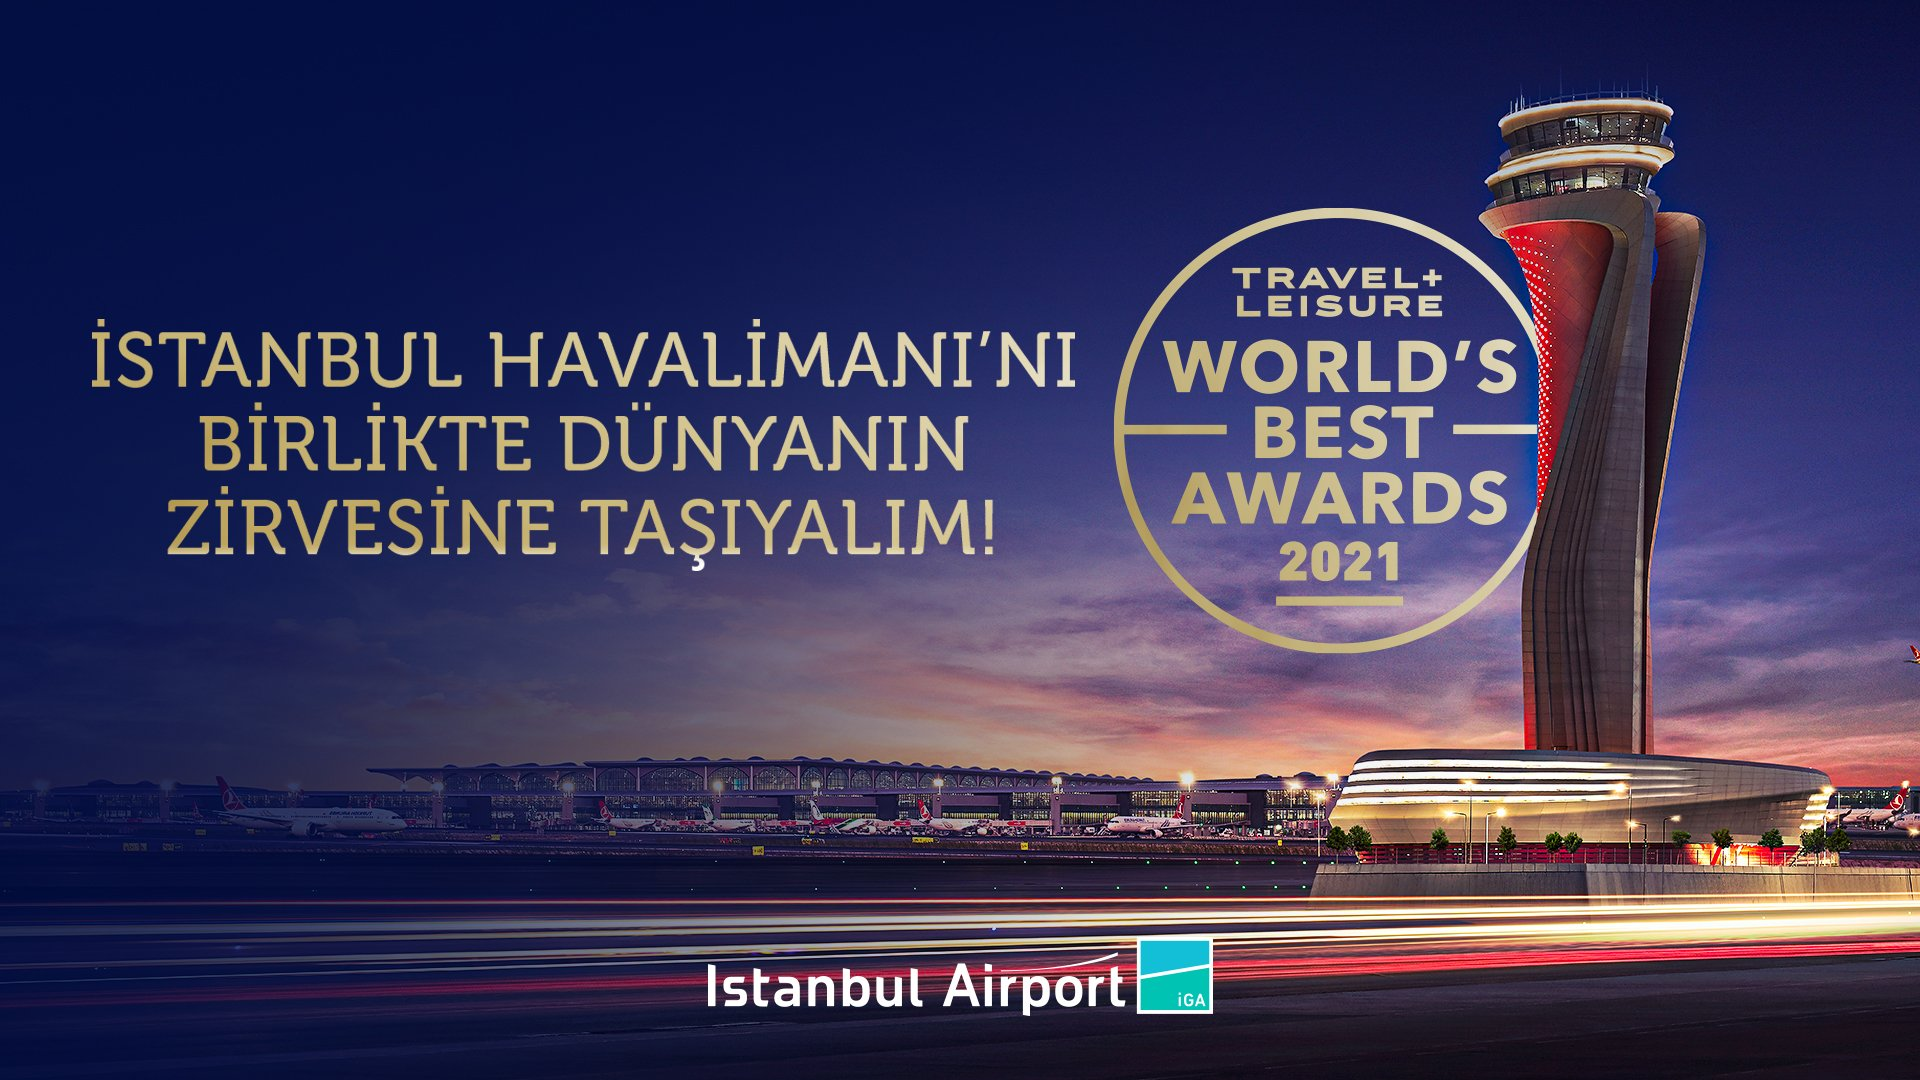 İstanbul Havalimanı dünyanın en iyi havalimanlarına aday oldu